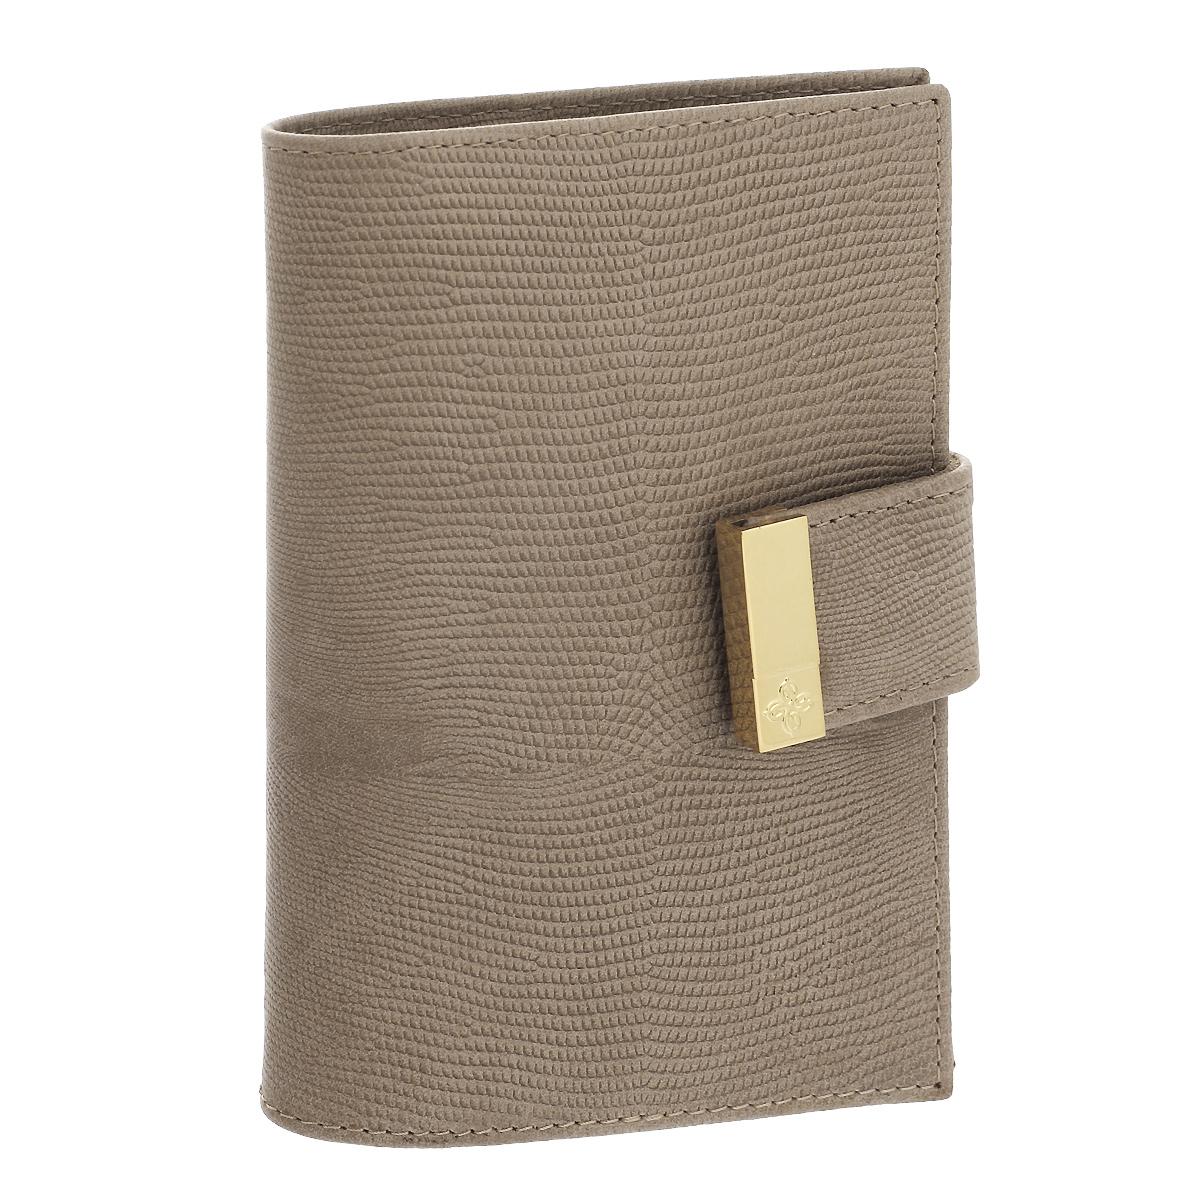 Обложка для паспорта Dimanche Elite Beige, цвет: бежевый. 730730Обложка для паспорта Elite Beige выполнена из натуральной кожи с декоративным тиснением под варана. На внутреннем развороте - два кармашка из прозрачного пластика. Обложка застегивается на хлястик с кнопкой. Обложка не только поможет сохранить внешний вид ваших документов и защитит их от повреждений, но и станет стильным аксессуаром, который подчеркнет ваш неповторимый стиль. Обложка упакована в коробку из плотного картона с логотипом фирмы. Характеристики: Материал: натуральная кожа, ПВХ. Цвет: бежевый. Размер обложки: 9,5 см х 13,5 см х 1,5 см.